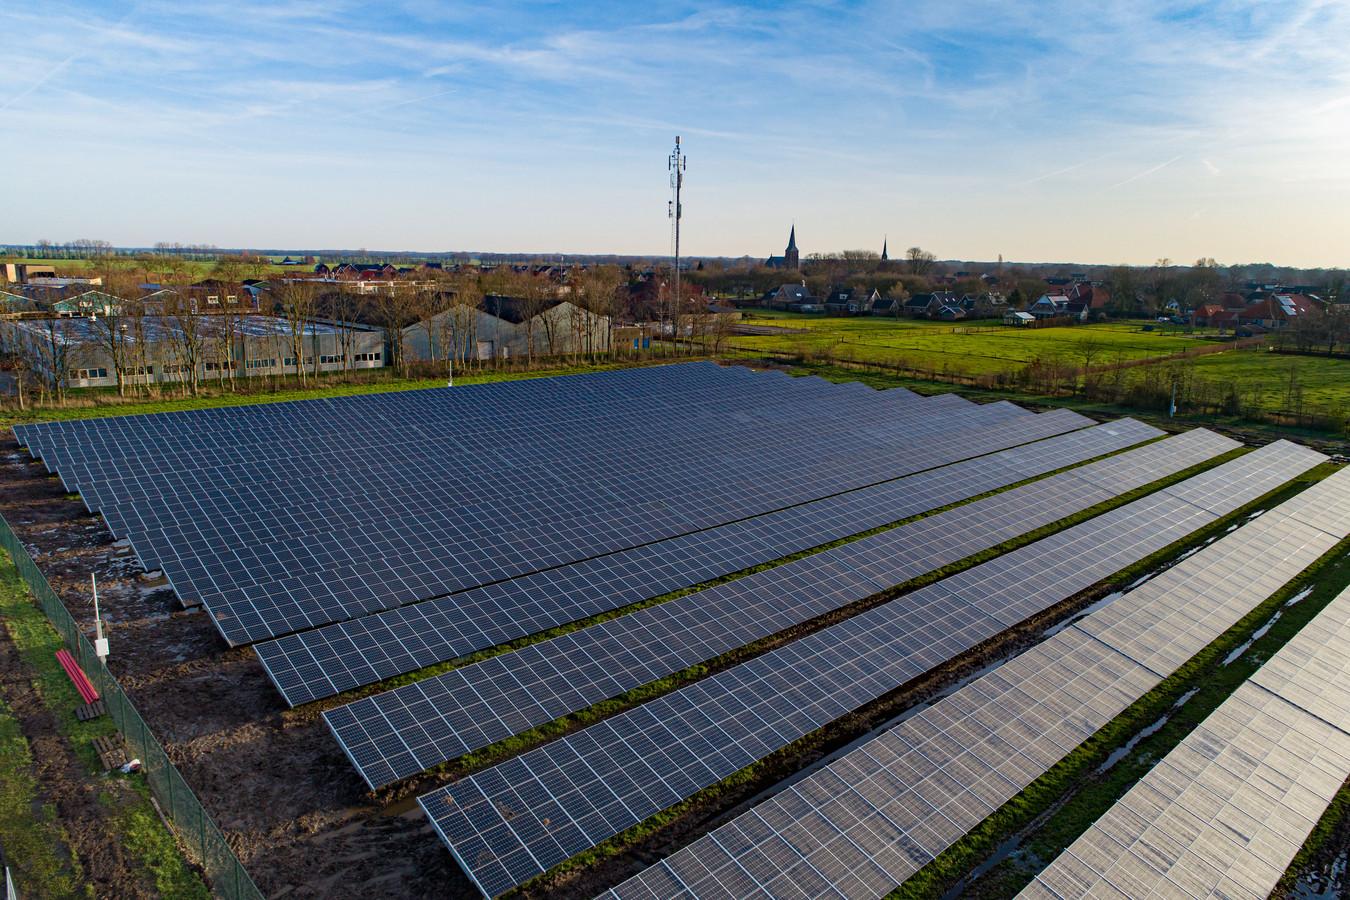 Het nieuwe zonnepark van Oldemarkt telt  4400 panelen en ligt niet op landbouwgrond, maar op een braakliggend veld op een bedrijventerrein.